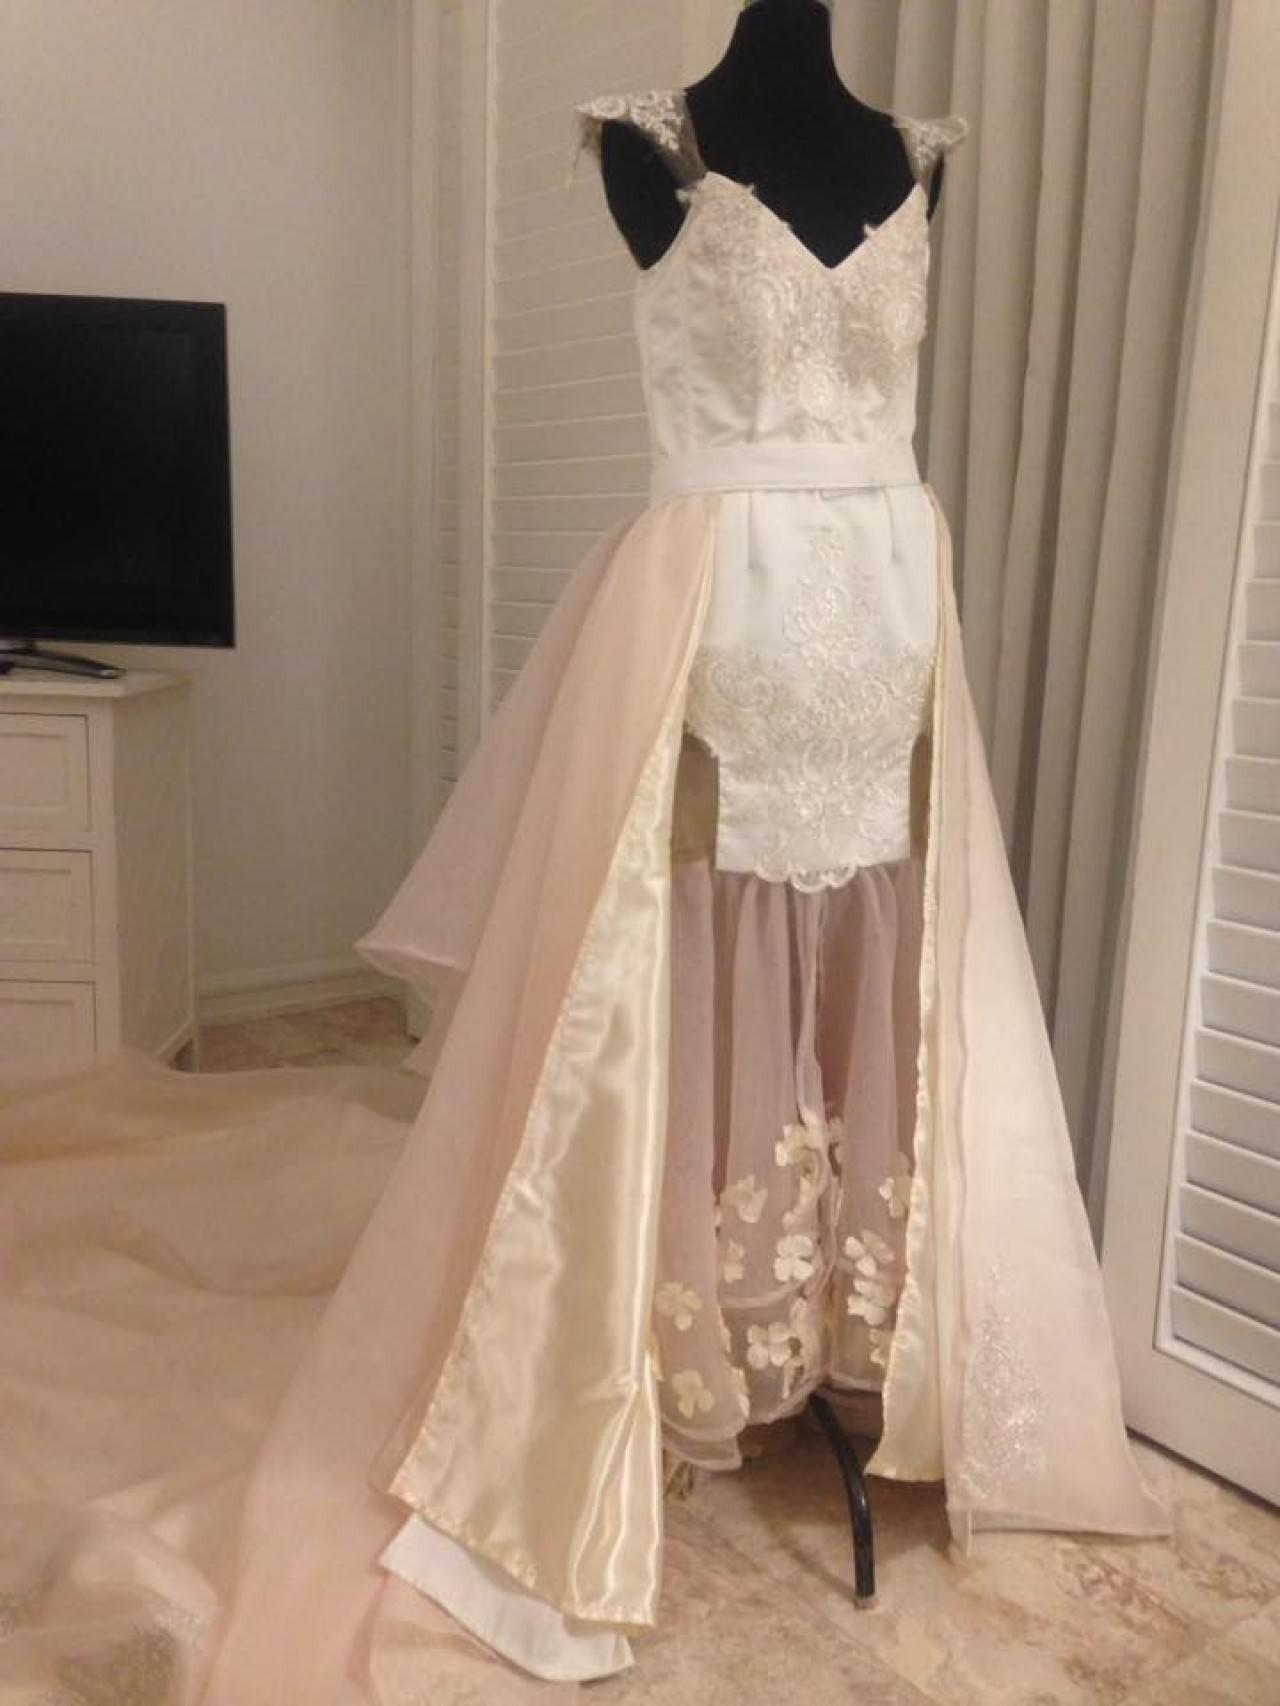 準新娘花2萬請設計師朋友打造「夢想公主式婚紗」,一打開驚現「移動型蚊帳」崩潰:要怎麼辦...